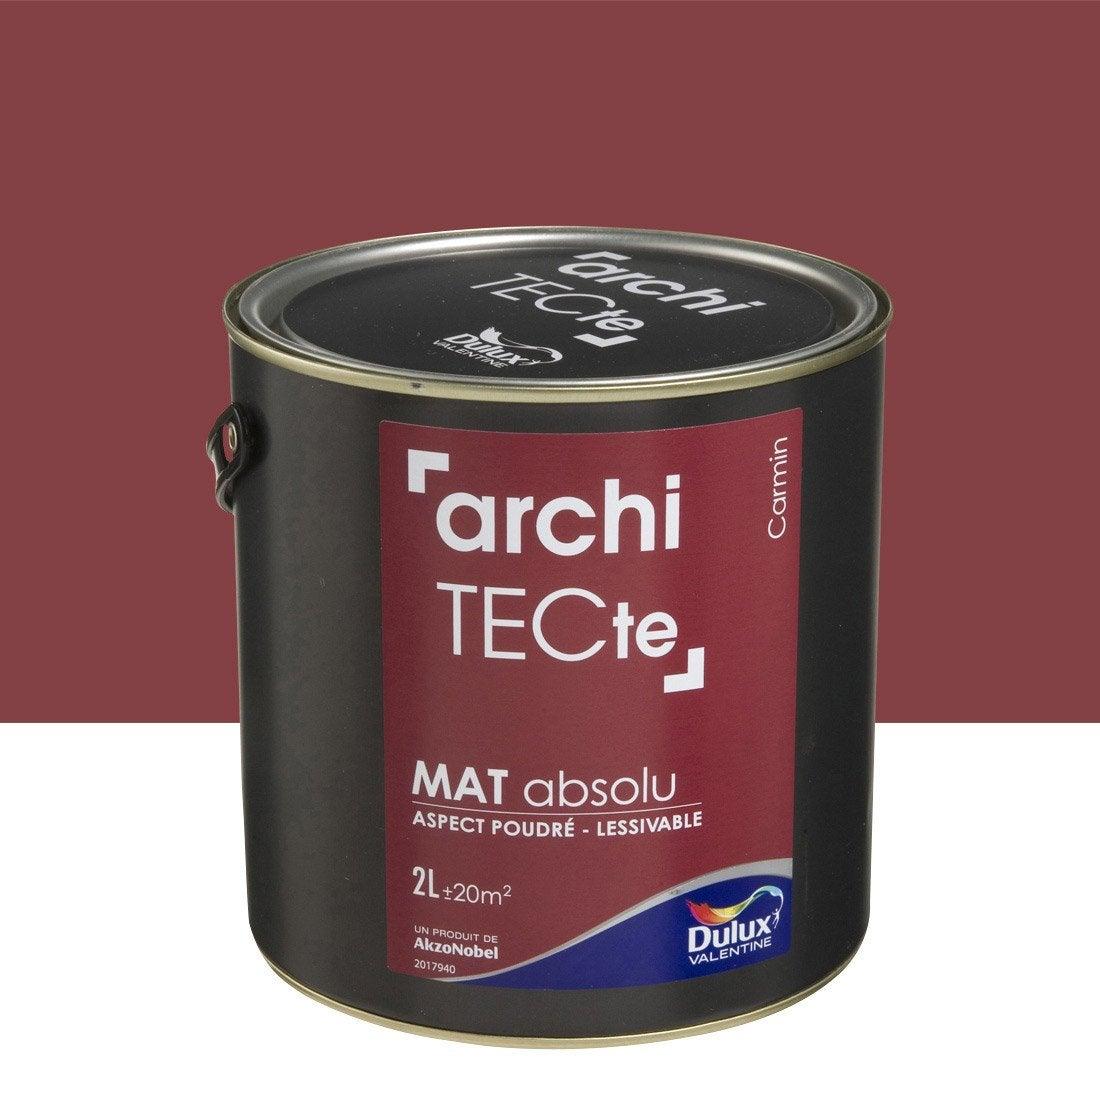 Peinture rouge carmin dulux valentine architecte 2 l for Peinture architecte leroy merlin